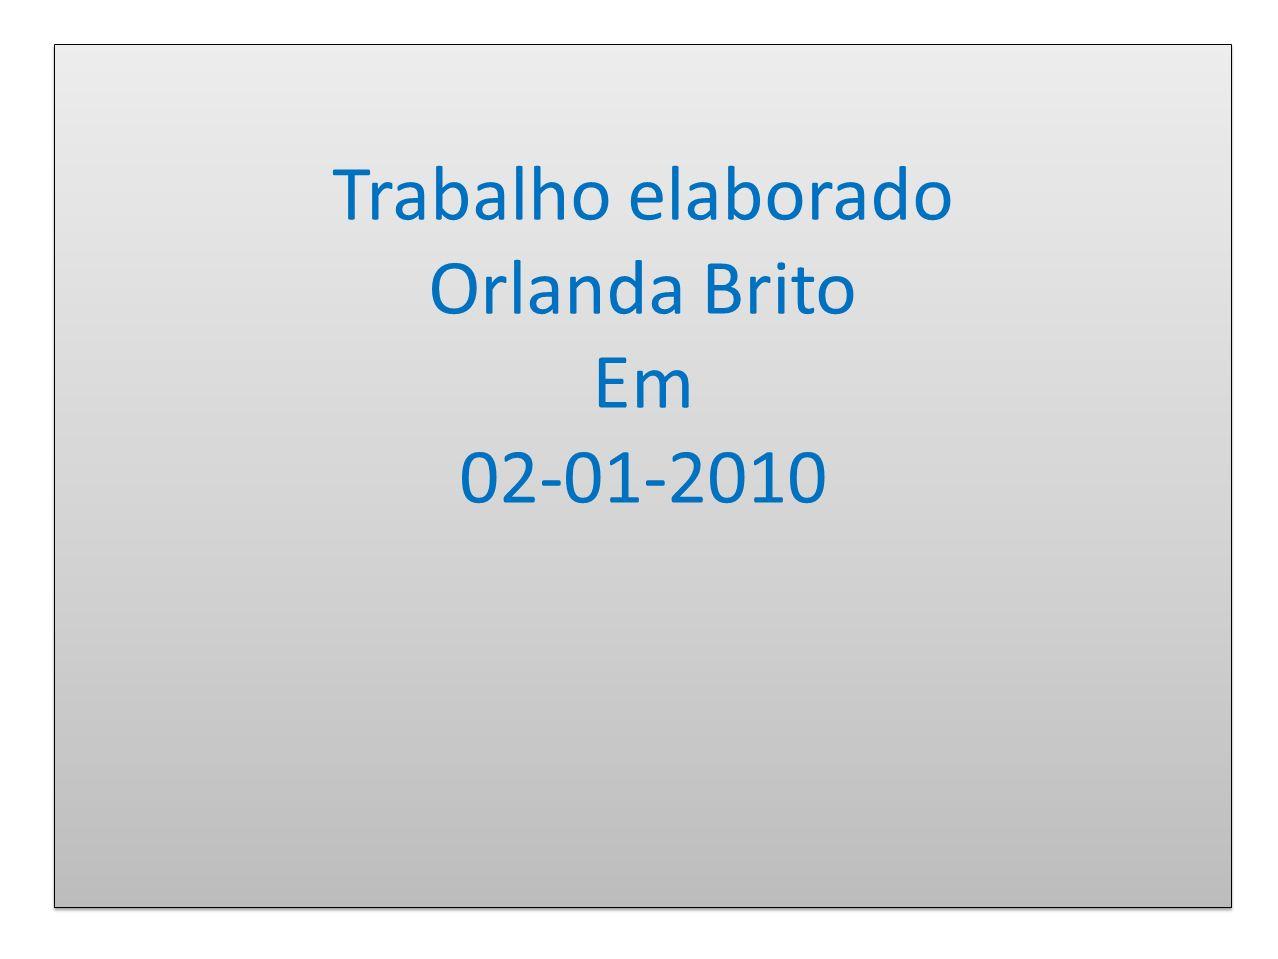 Trabalho elaborado Orlanda Brito Em 02-01-2010